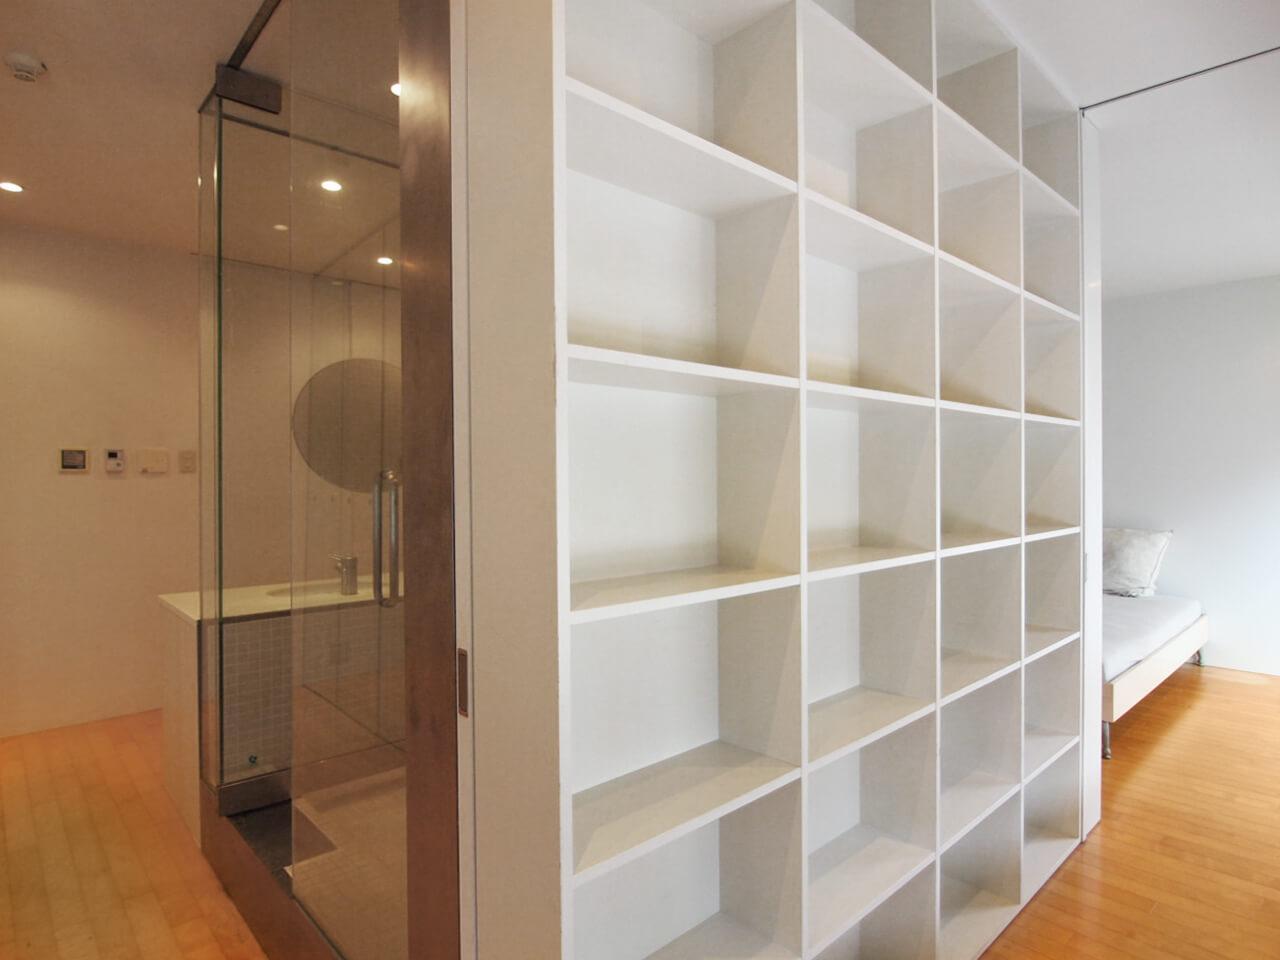 本棚と浴室を別アングルで